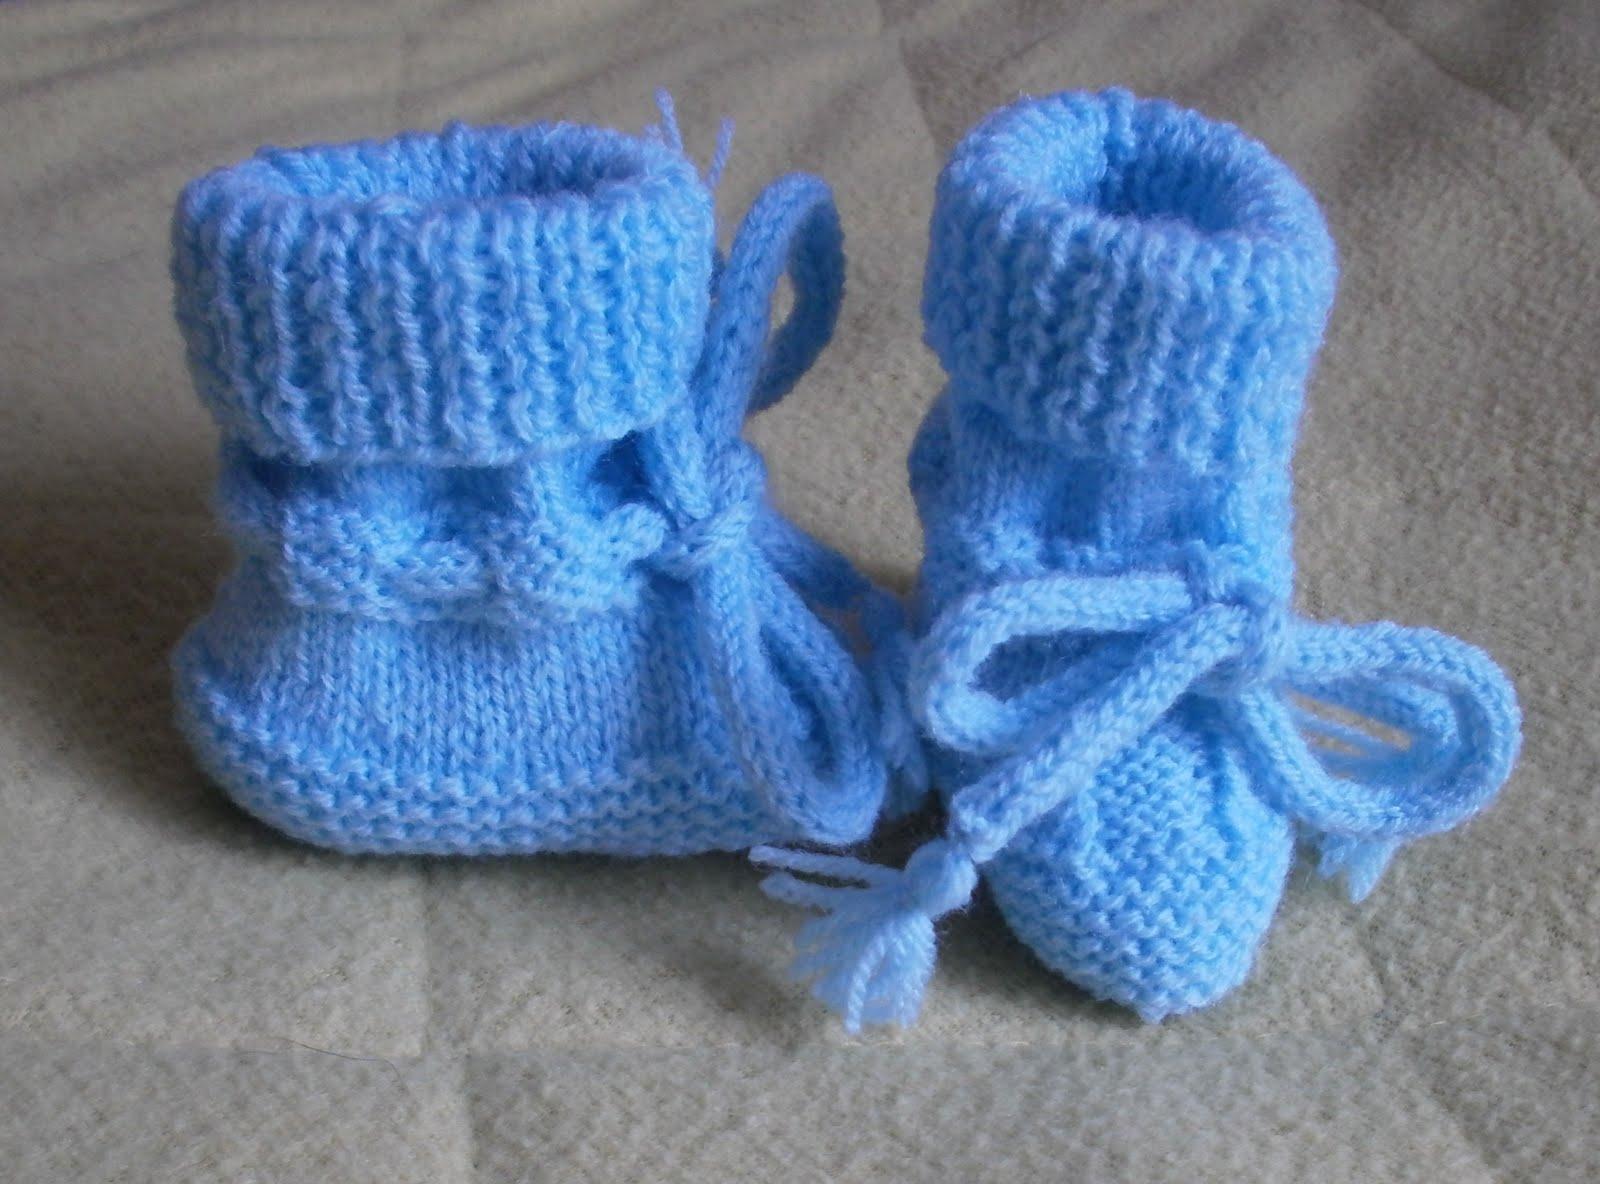 Petits doigts: Chausson bébé modèle 31